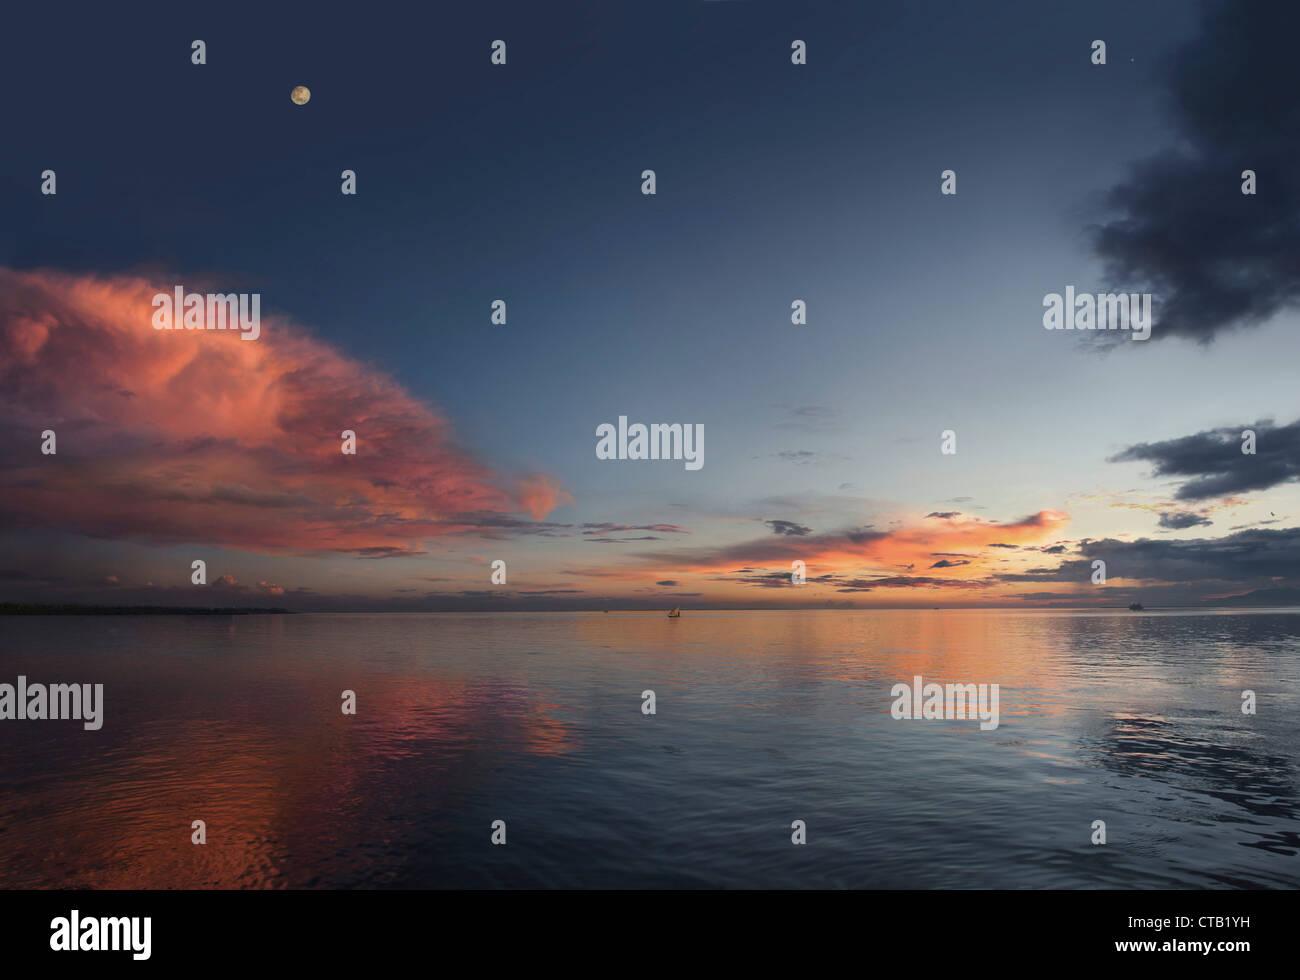 Red Cloud sur le fleuve Amazone au coucher du soleil, fleuve Amazone, Amazonie, Brésil Photo Stock